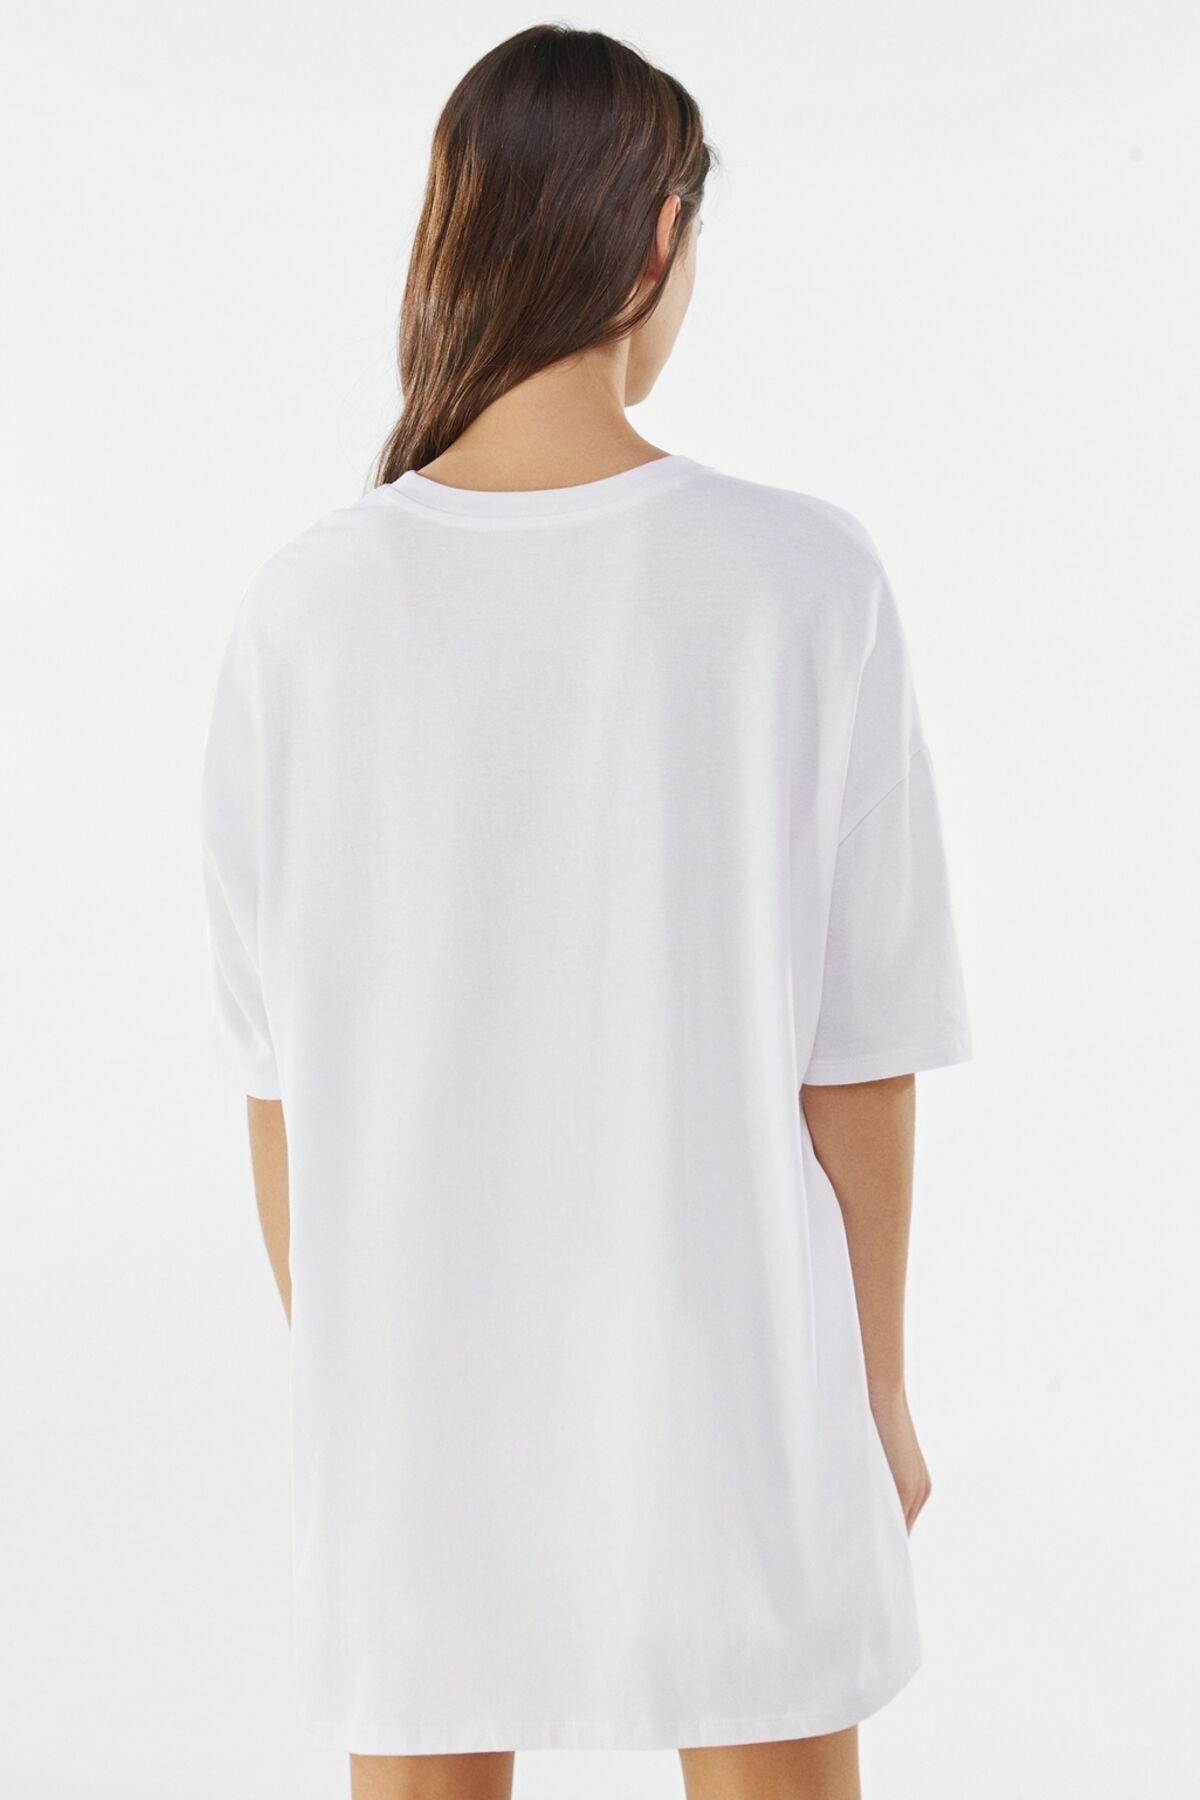 Bershka Kadın Beyaz Desenli Oversize T-Shirt 01971987 1